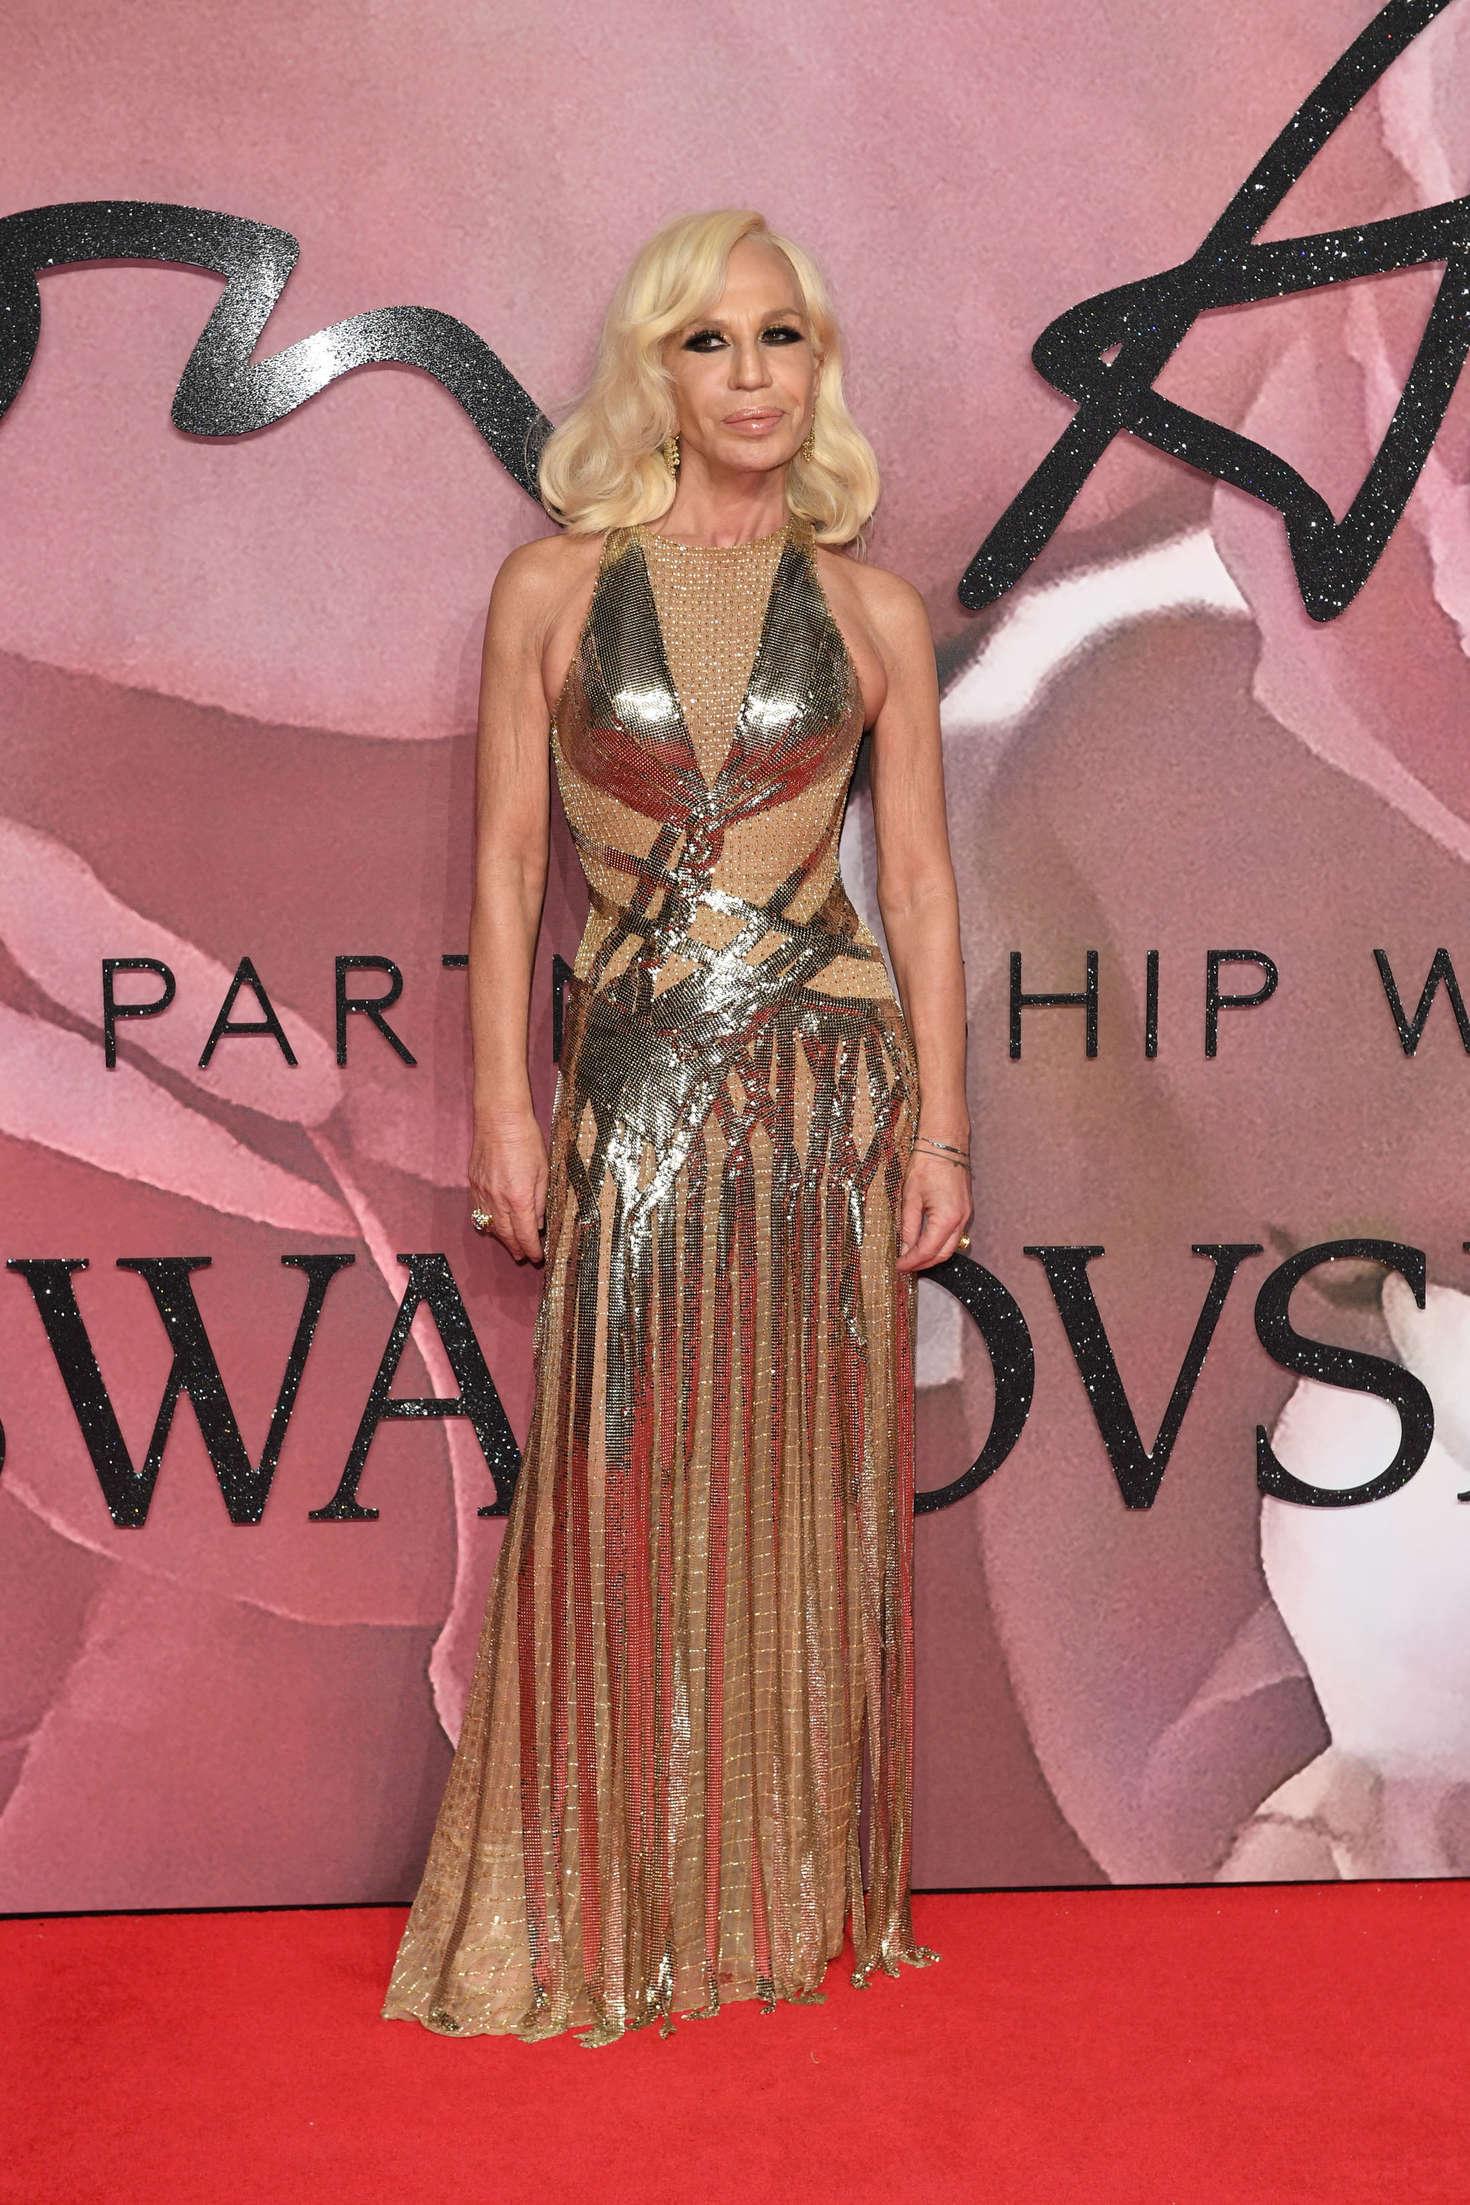 Lady Gaga vamps it up at Fashion Awards - Capital 81